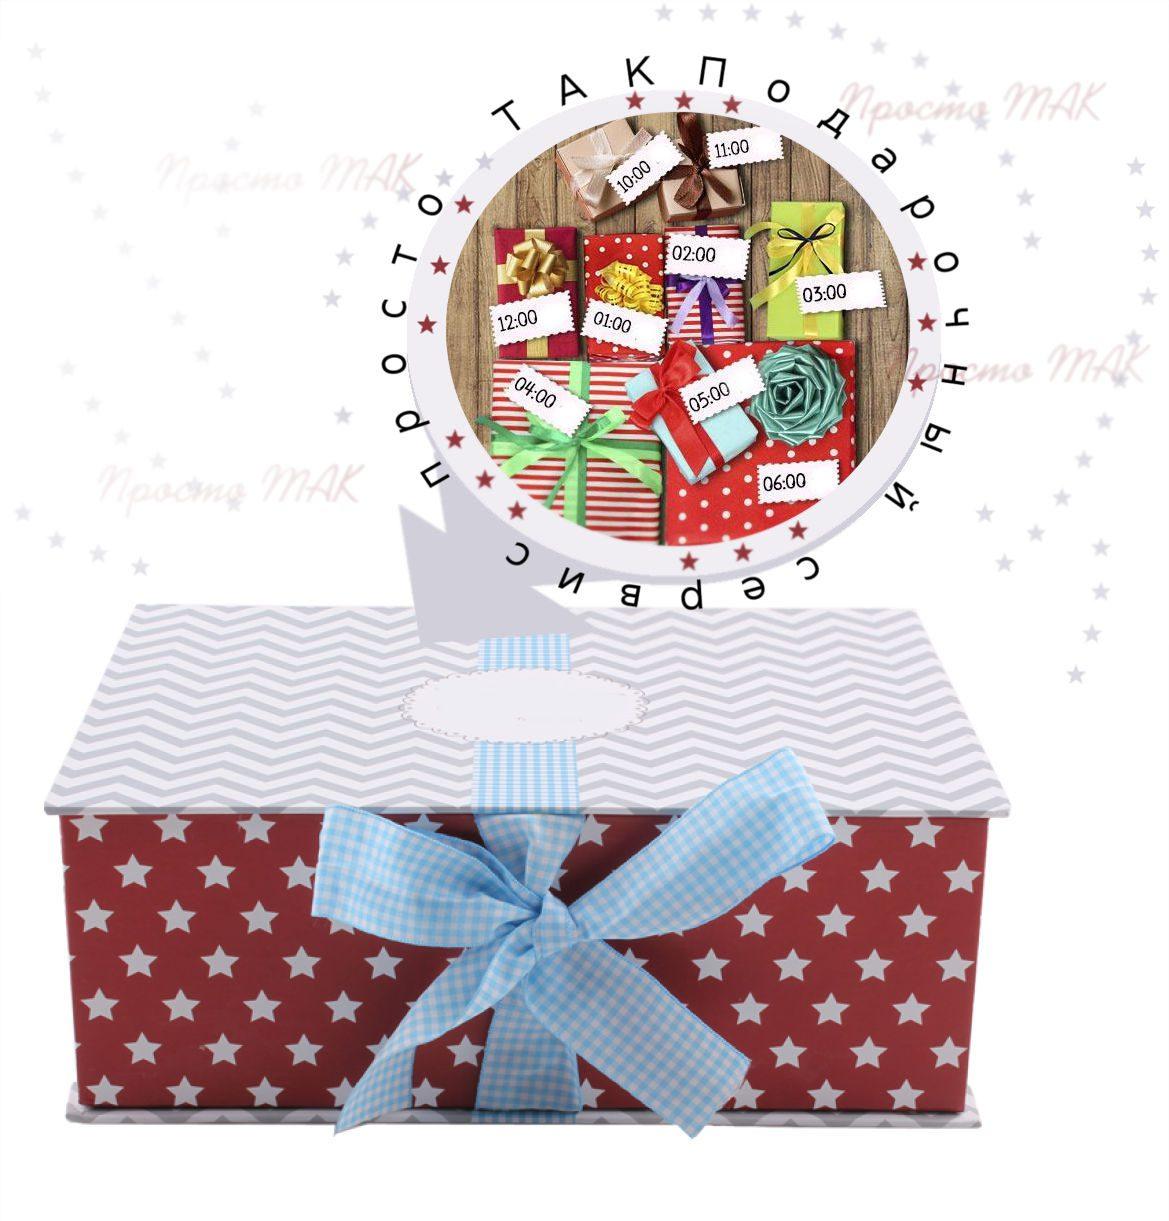 Заказать подарок на день рождения с доставкой в екатеринбурге